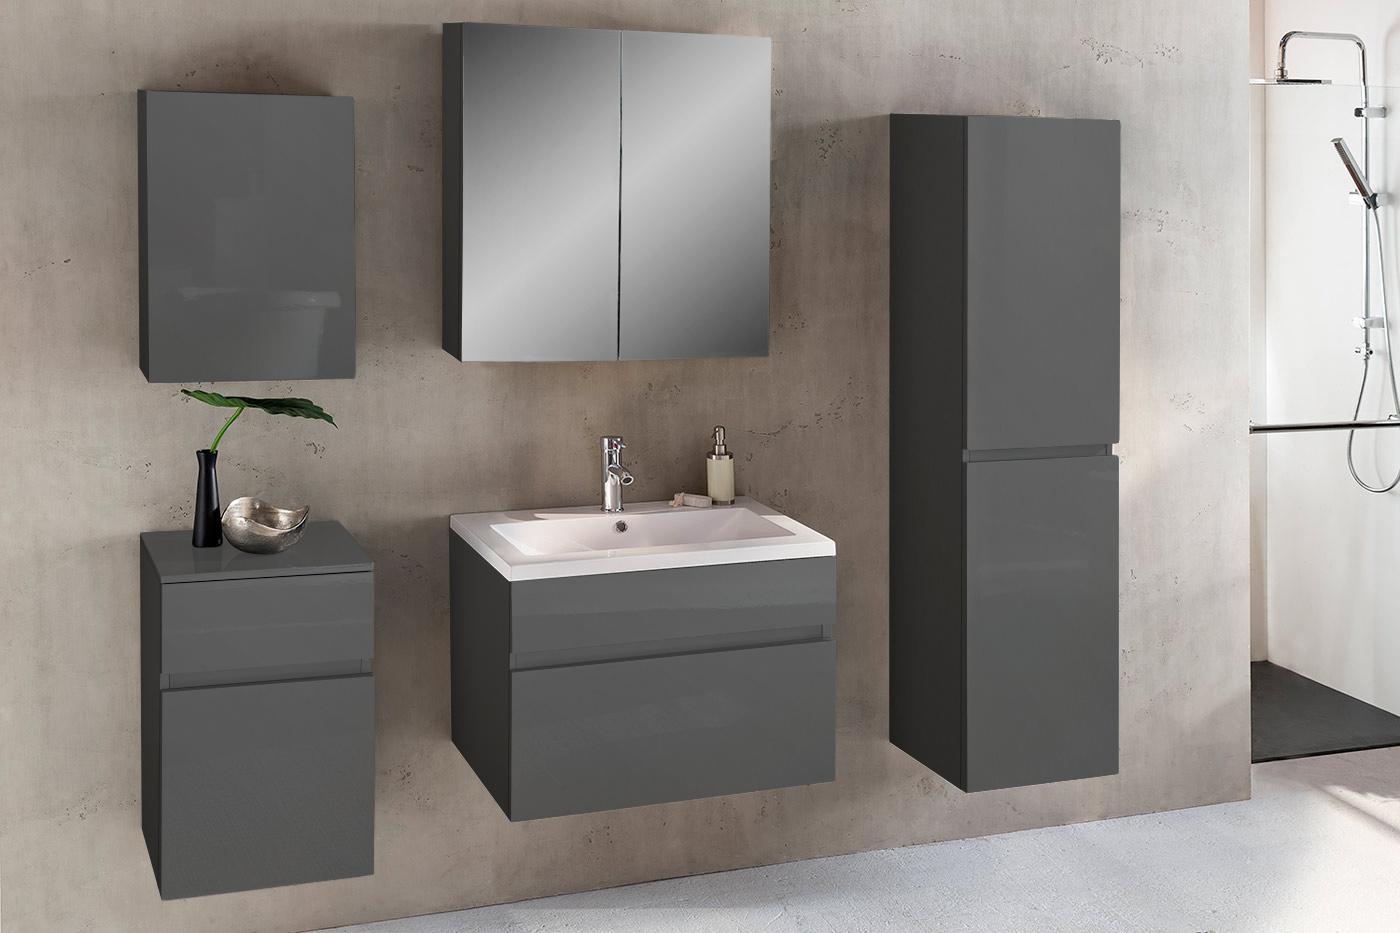 moderne badezimmermbel ~ verschiedenes interessantes design für, Esszimmer